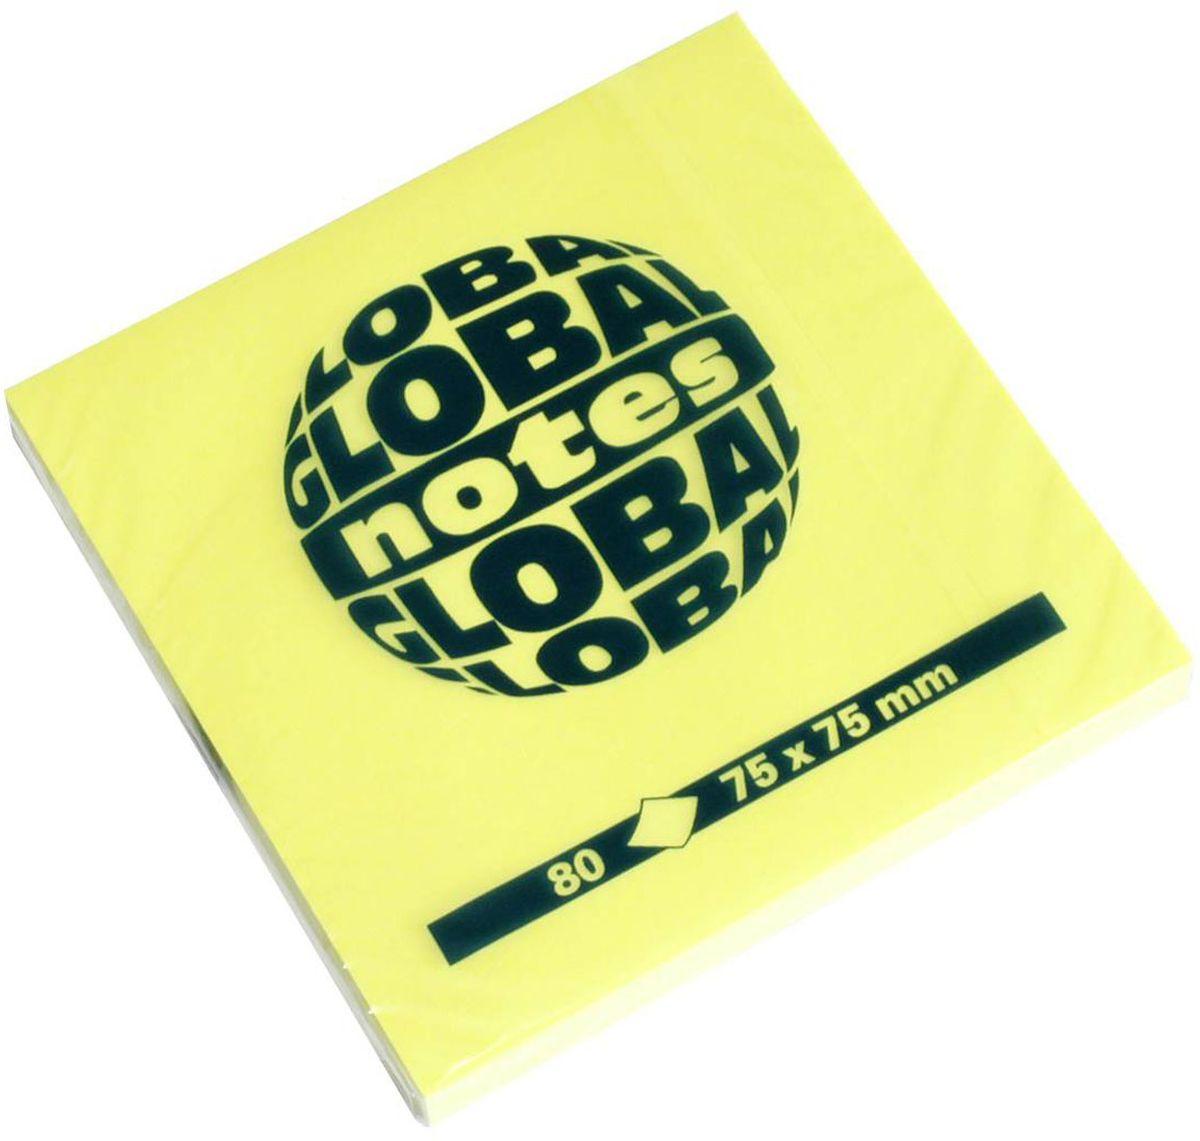 Global Notes Бумага для заметок с липким слоем цвет желтый 80 листов365434Бумага для заметок с липким краем Global Notes - это удобное и практичное решение для быстрой записи информации дома или на работе.Качественная клеевая полоса рассчитана на крепление к любой поверхности, позволяет приклеивать и отклеивать листок неограниченное количество раз, не оставляя следов.